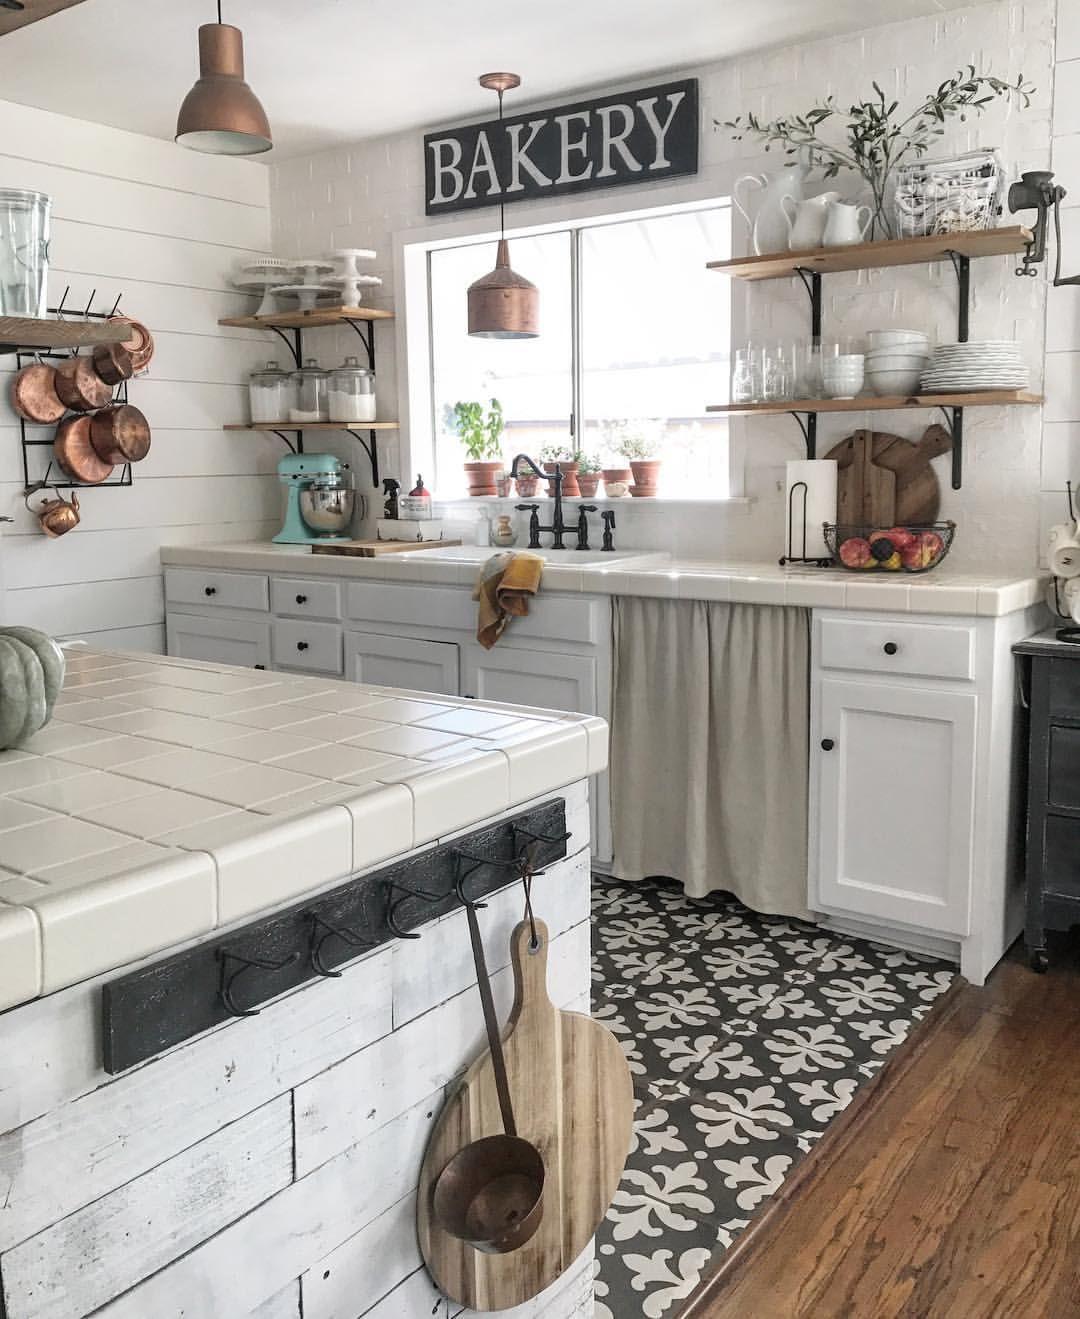 Pin von Janet Wilson auf kitchens | Pinterest | Küche, Einbauküchen ...